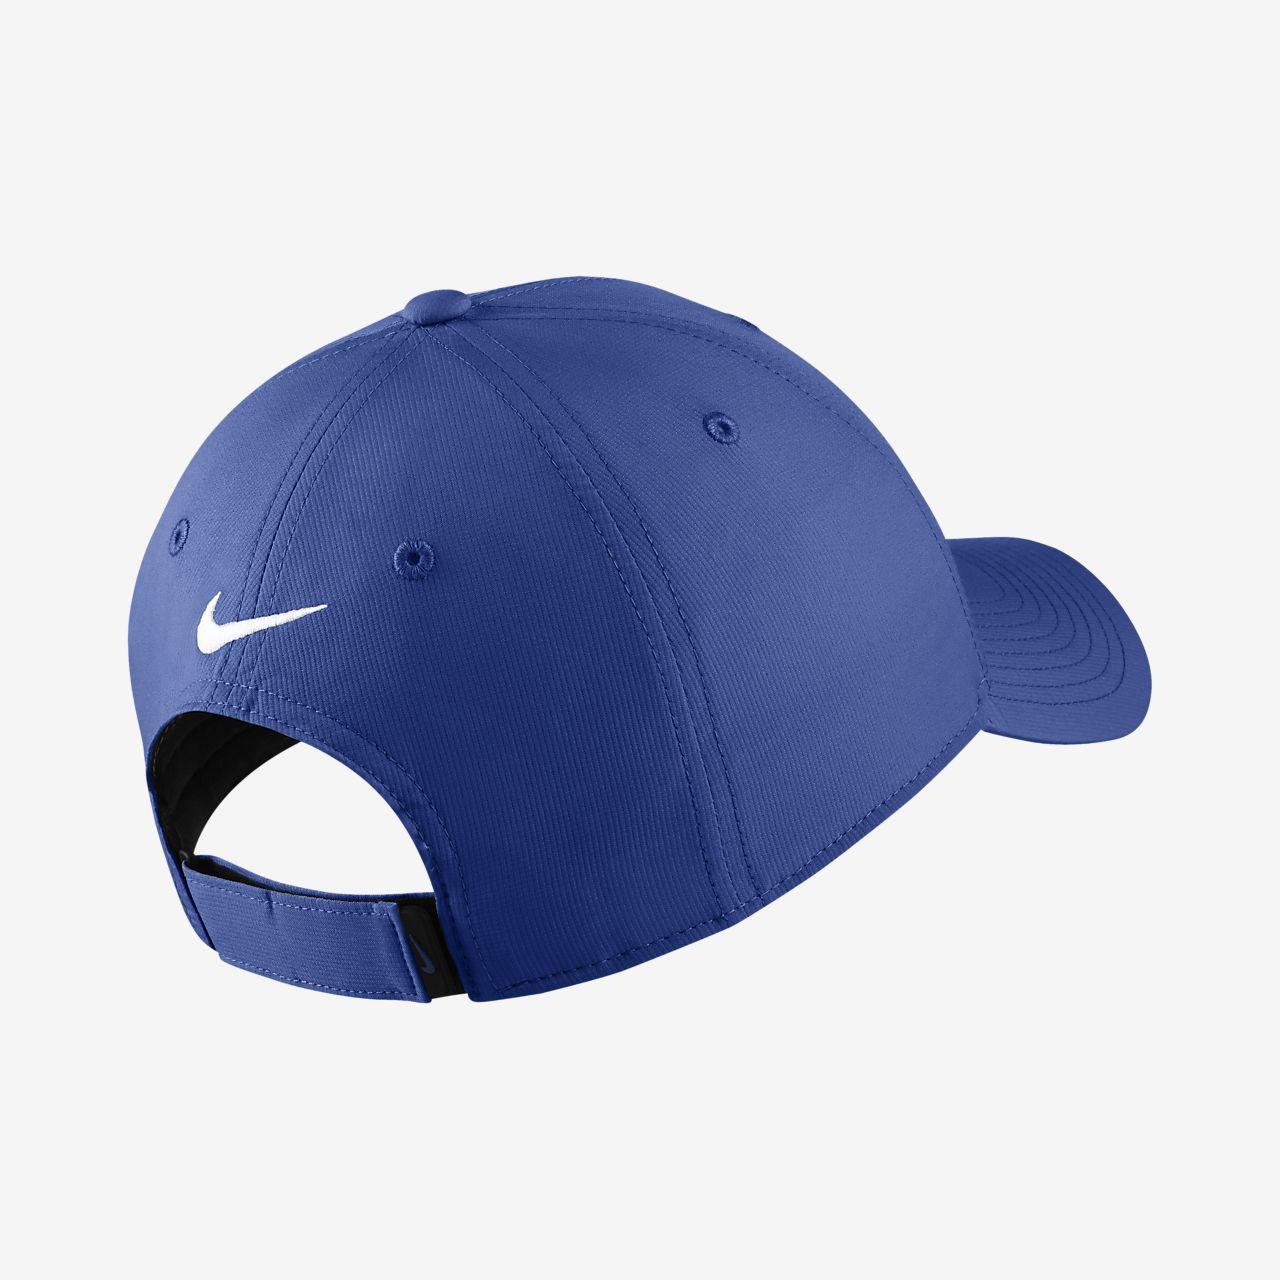 8f79b94ec59fb Nike Dri-FIT Legacy91 Golf Hat. Nike.com GB